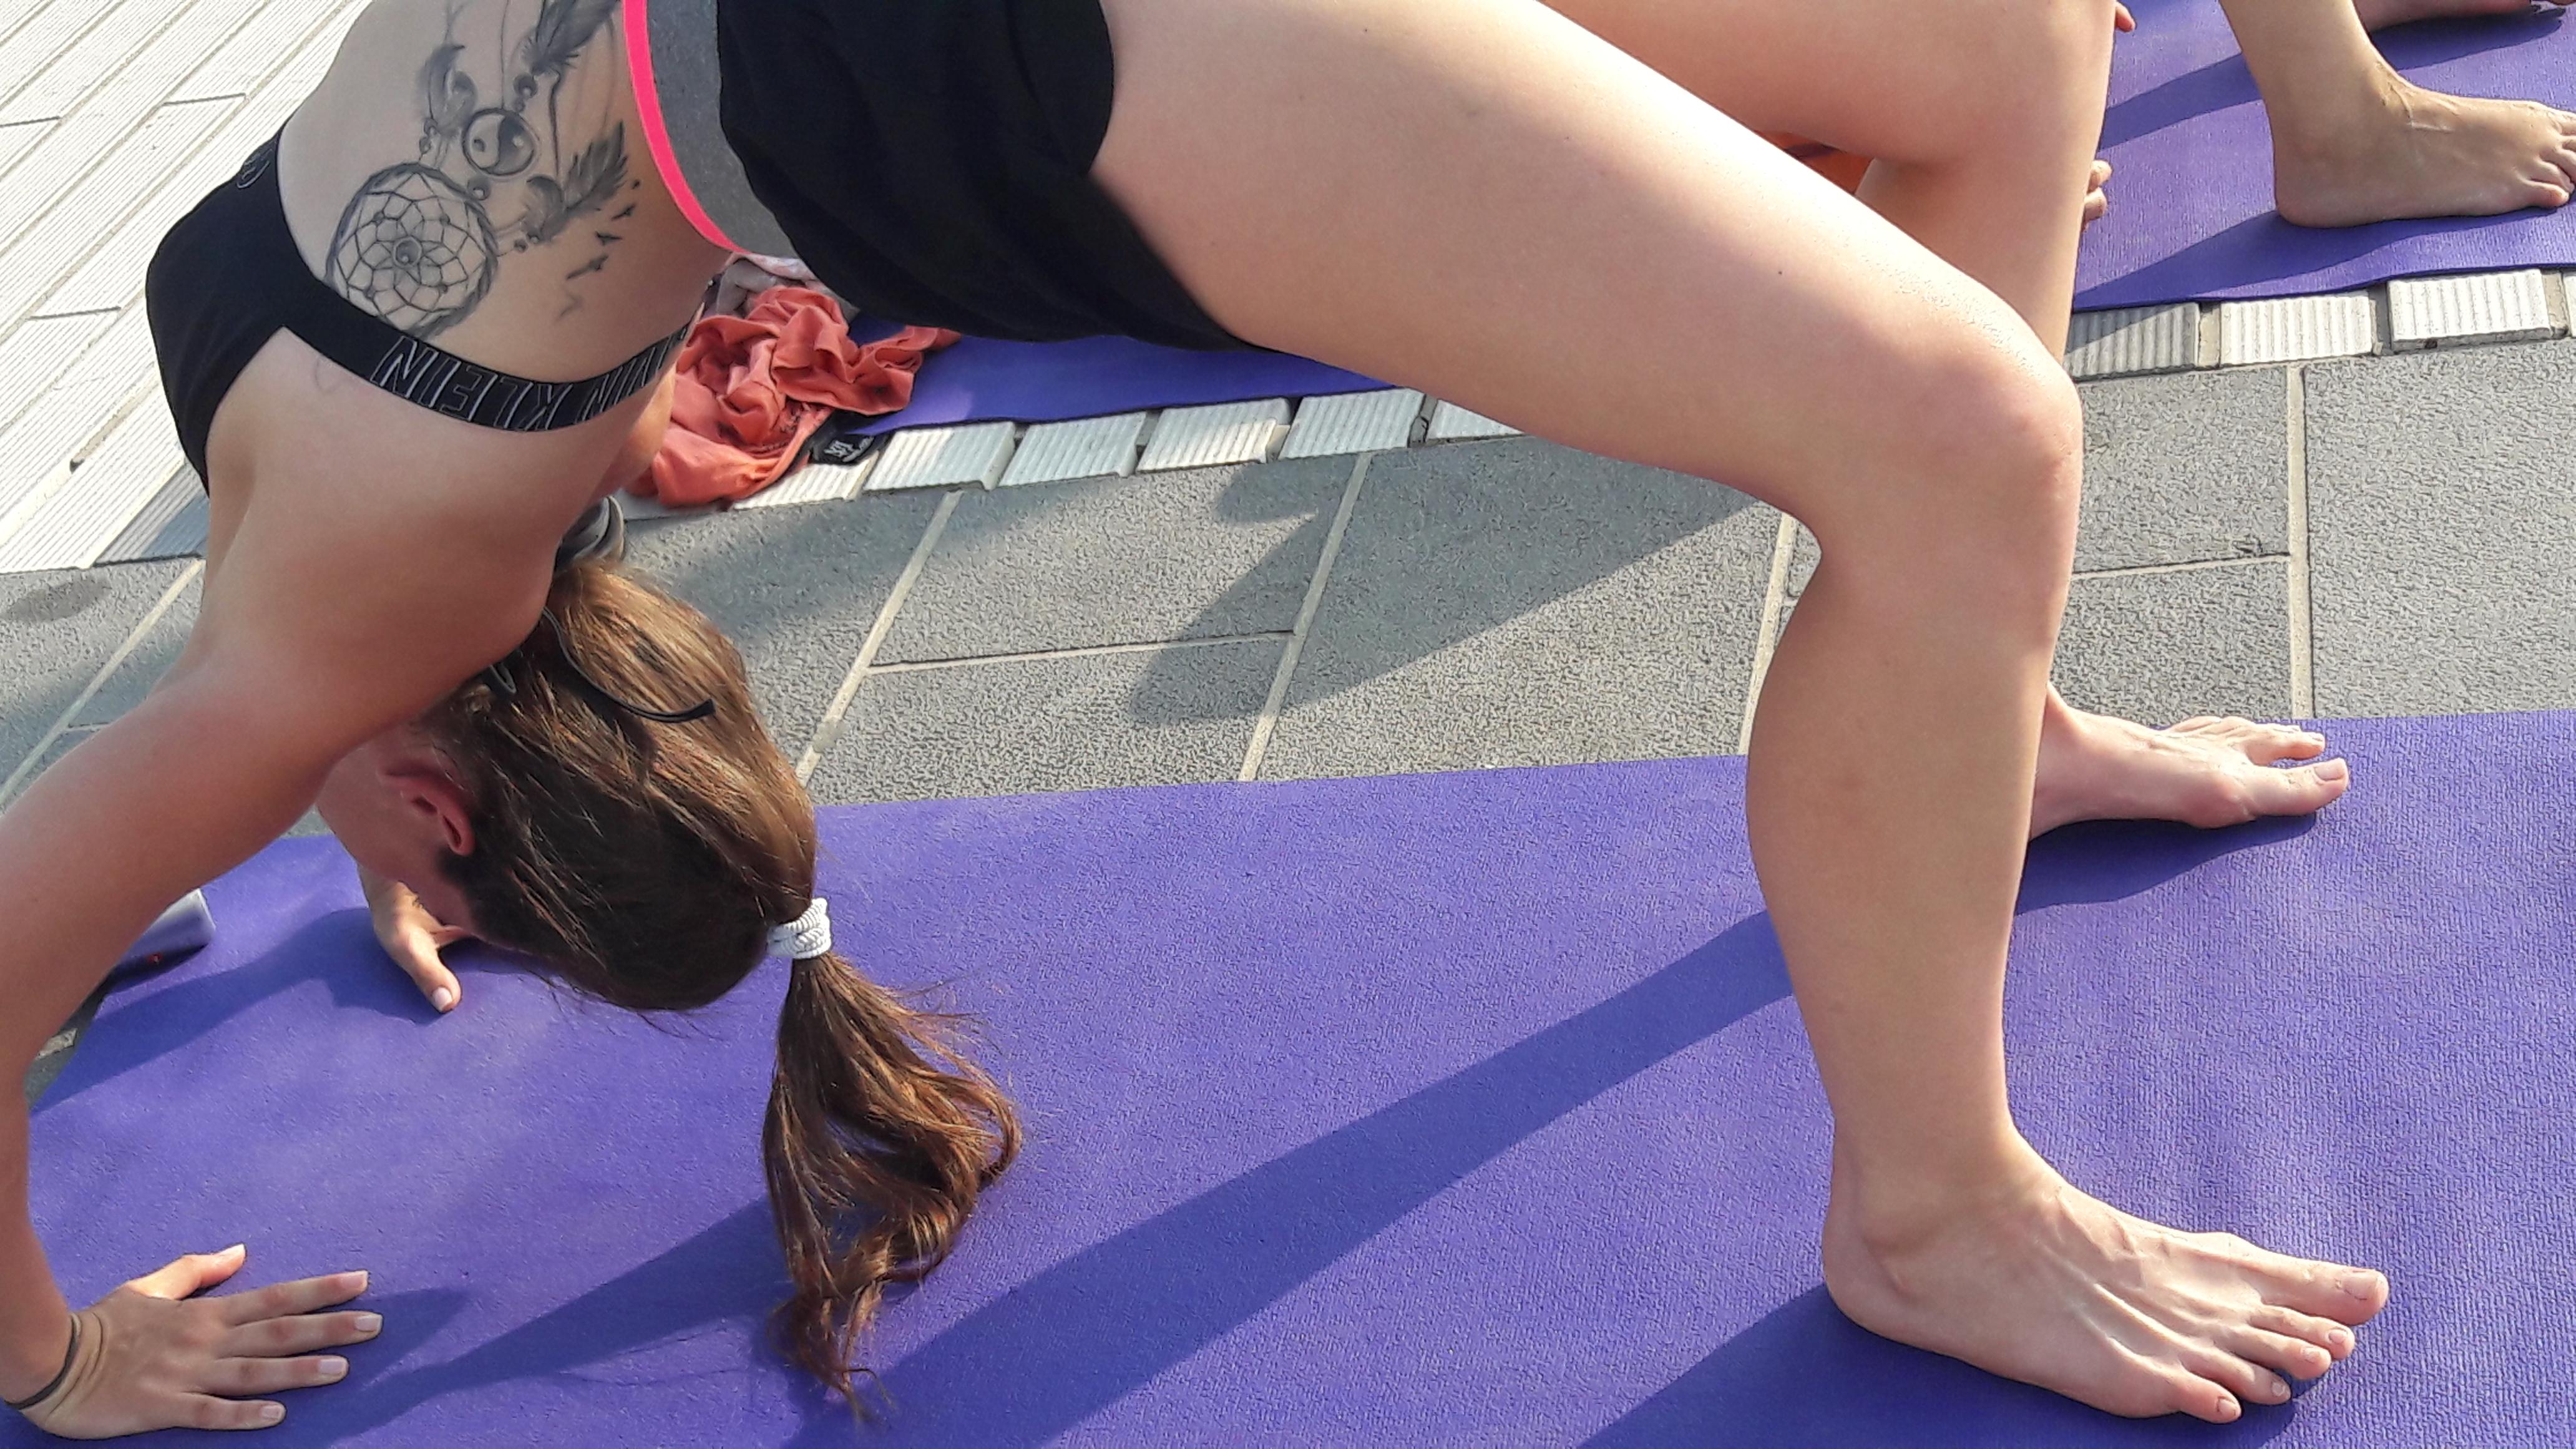 essere-free-yoga-gratuito-benessere-per-tutti-village-citta-alassio-estate-lucia-ragazzi-summer-town-wellness-101